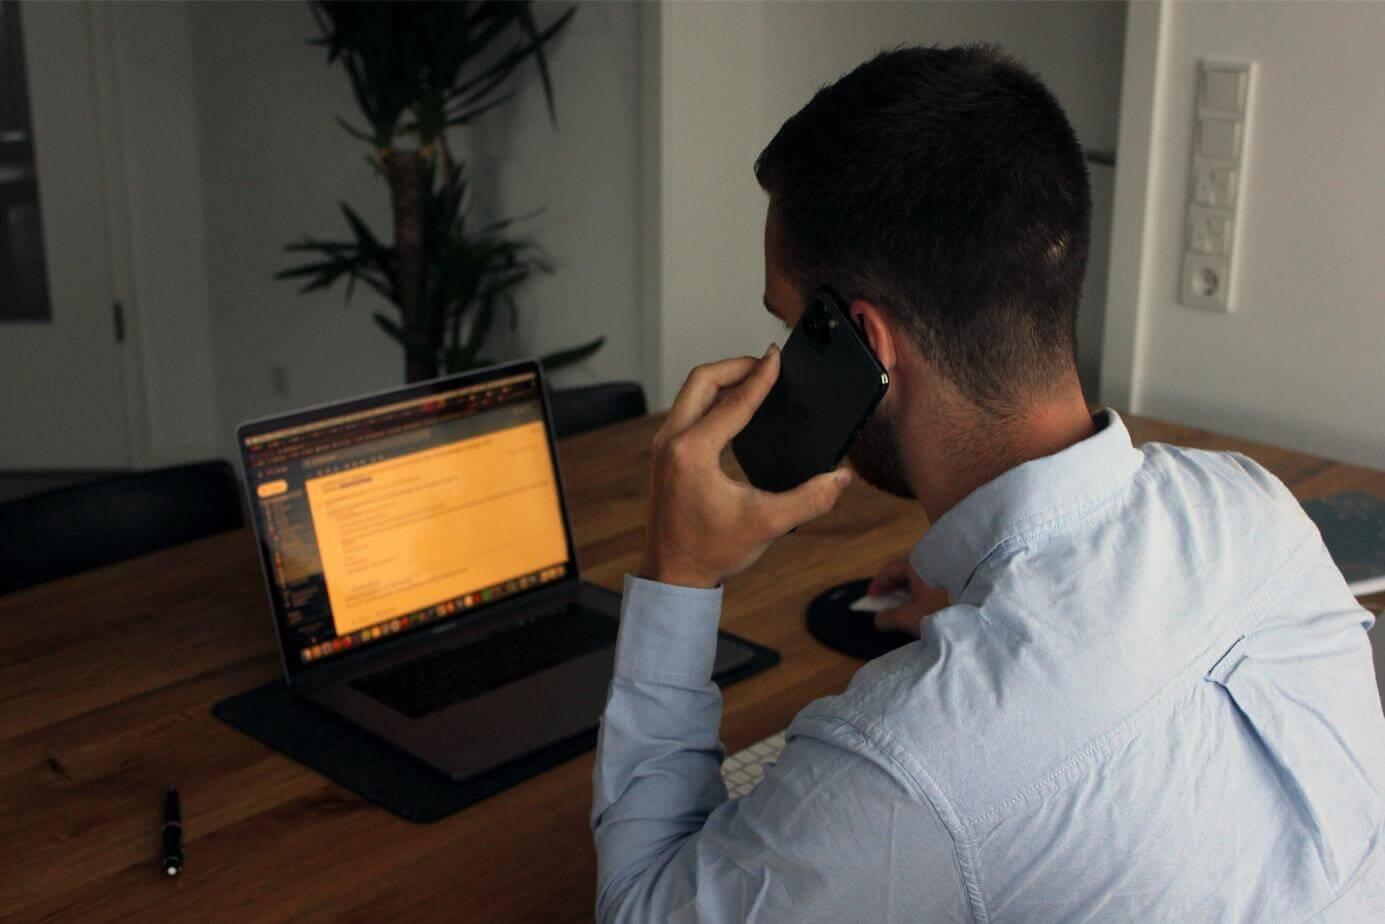 man taking phone